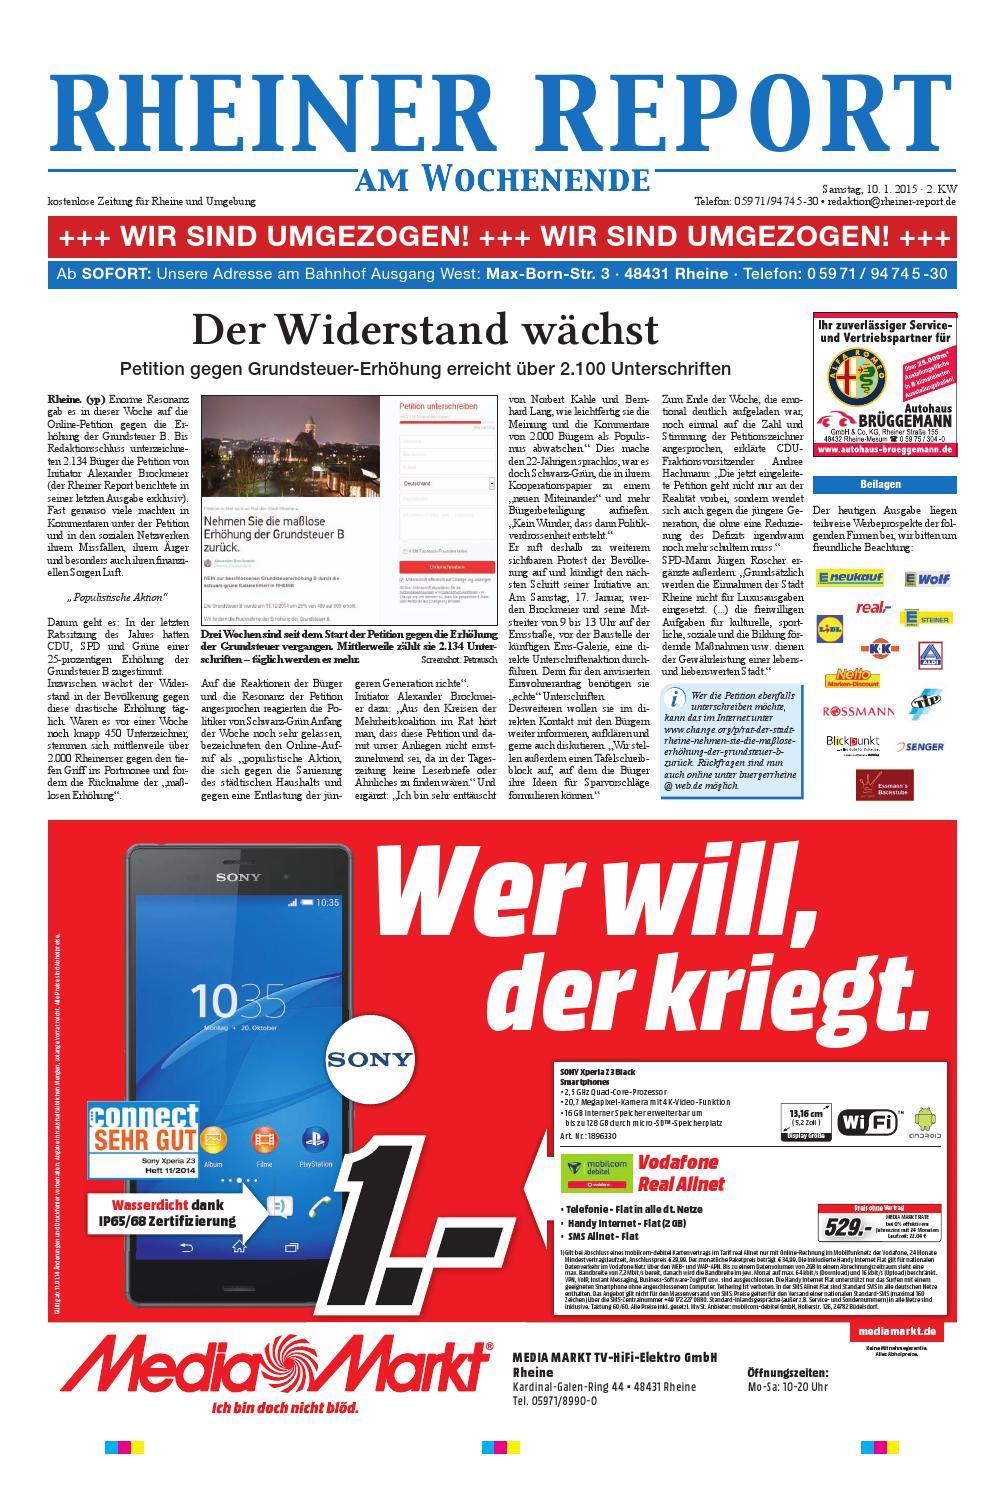 KW02-2015 by Rheiner Report GmbH - issuu